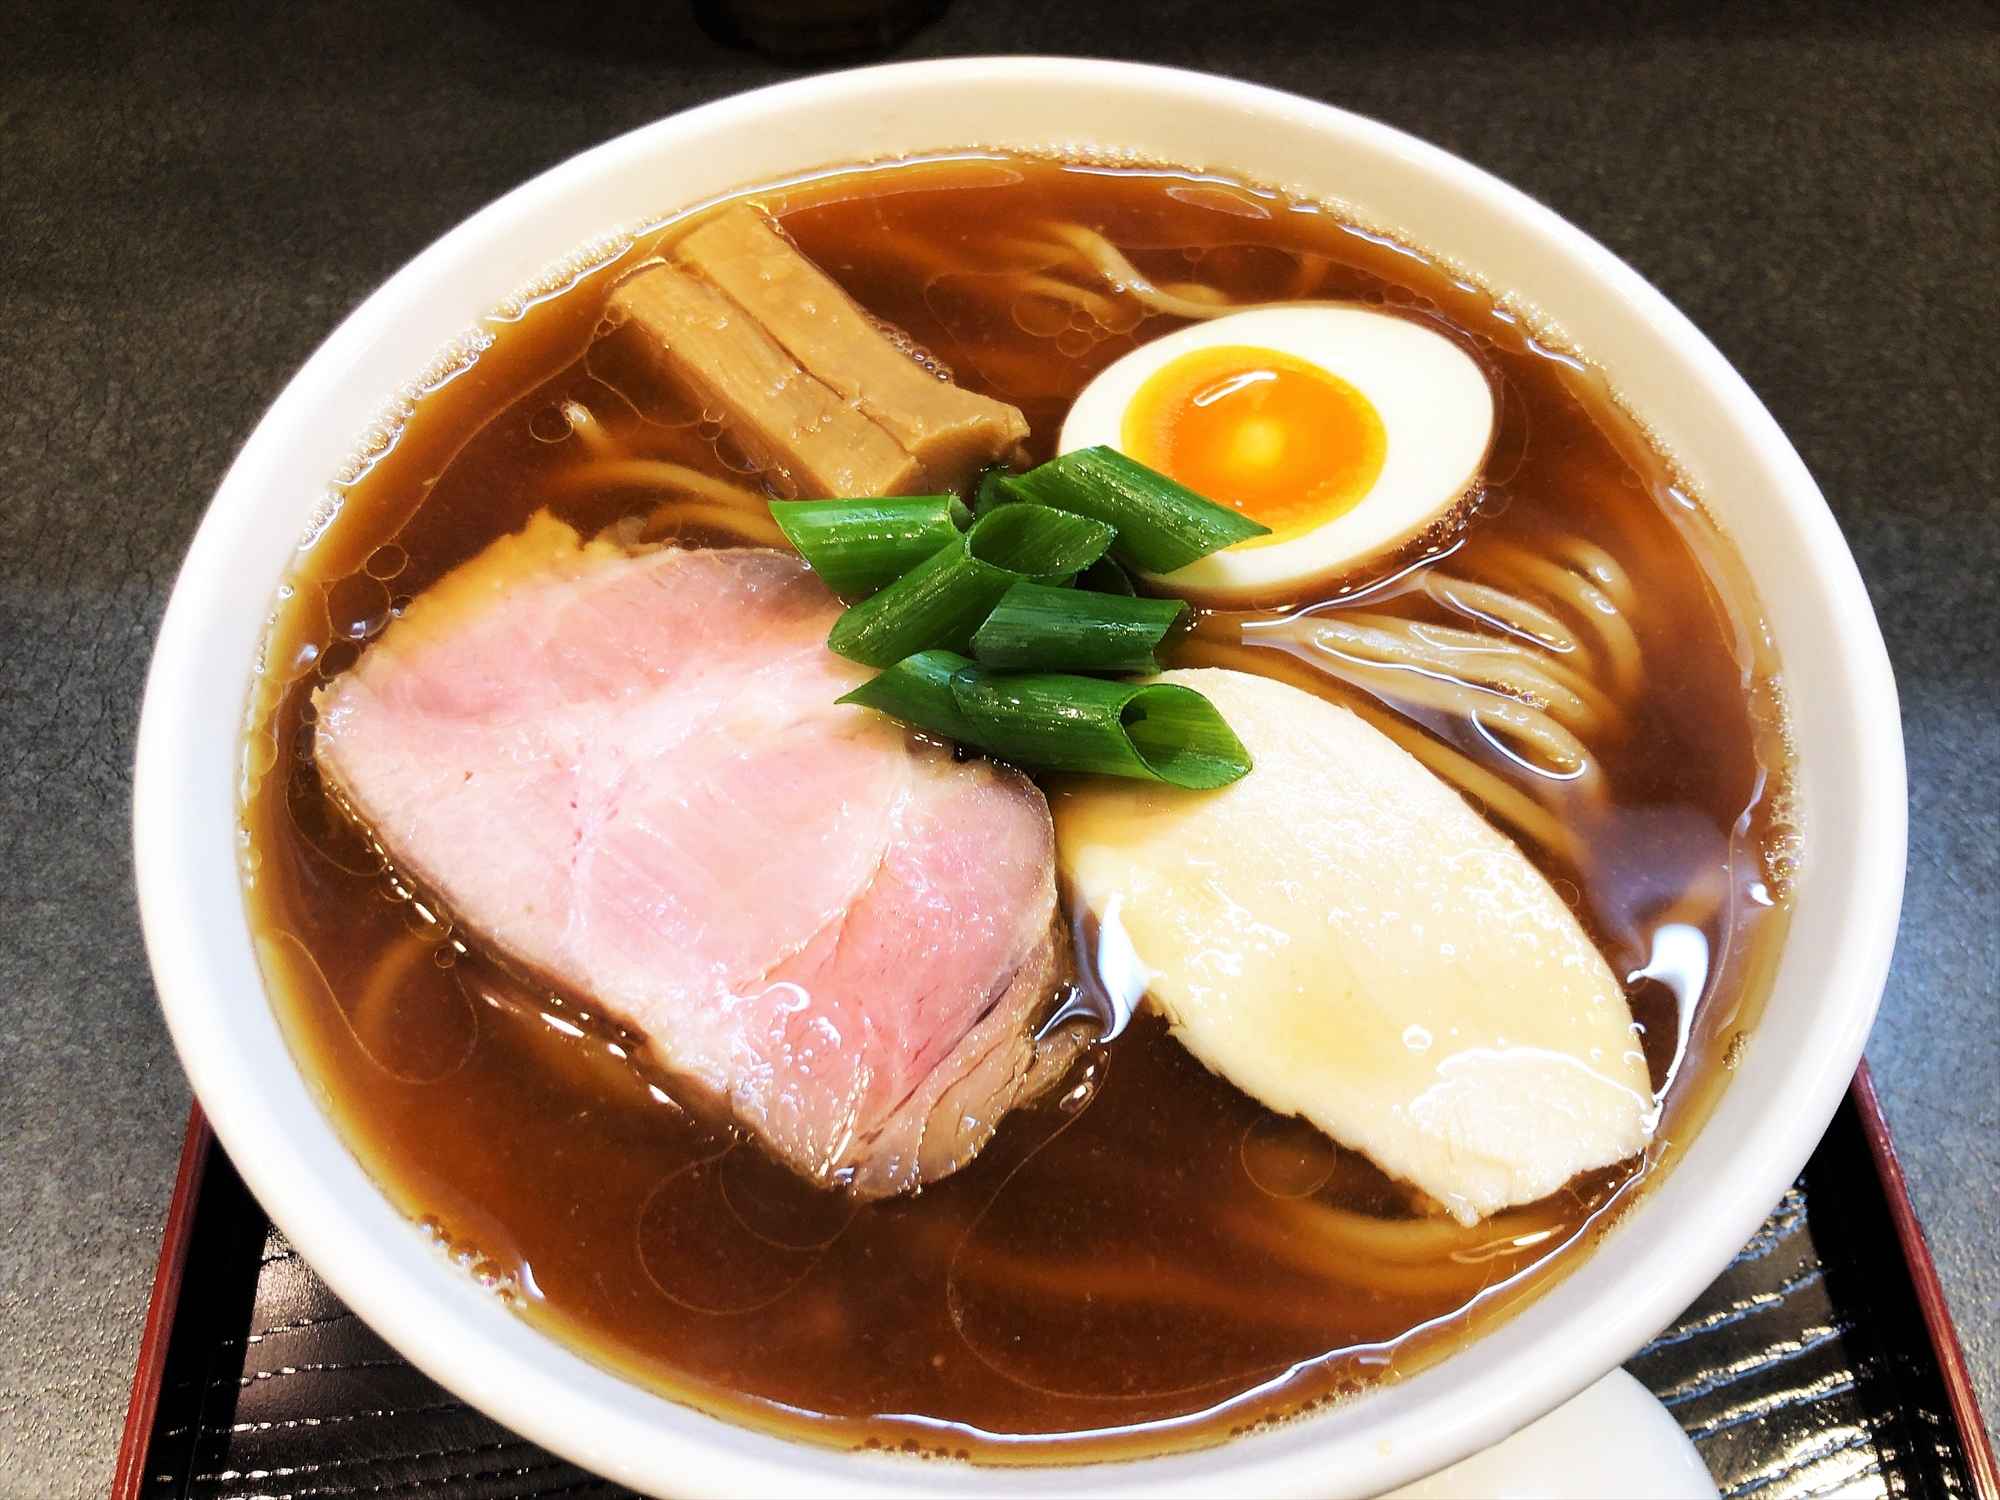 らぁ麺 幸跳「丸鶏たまり醤油らぁ麺」